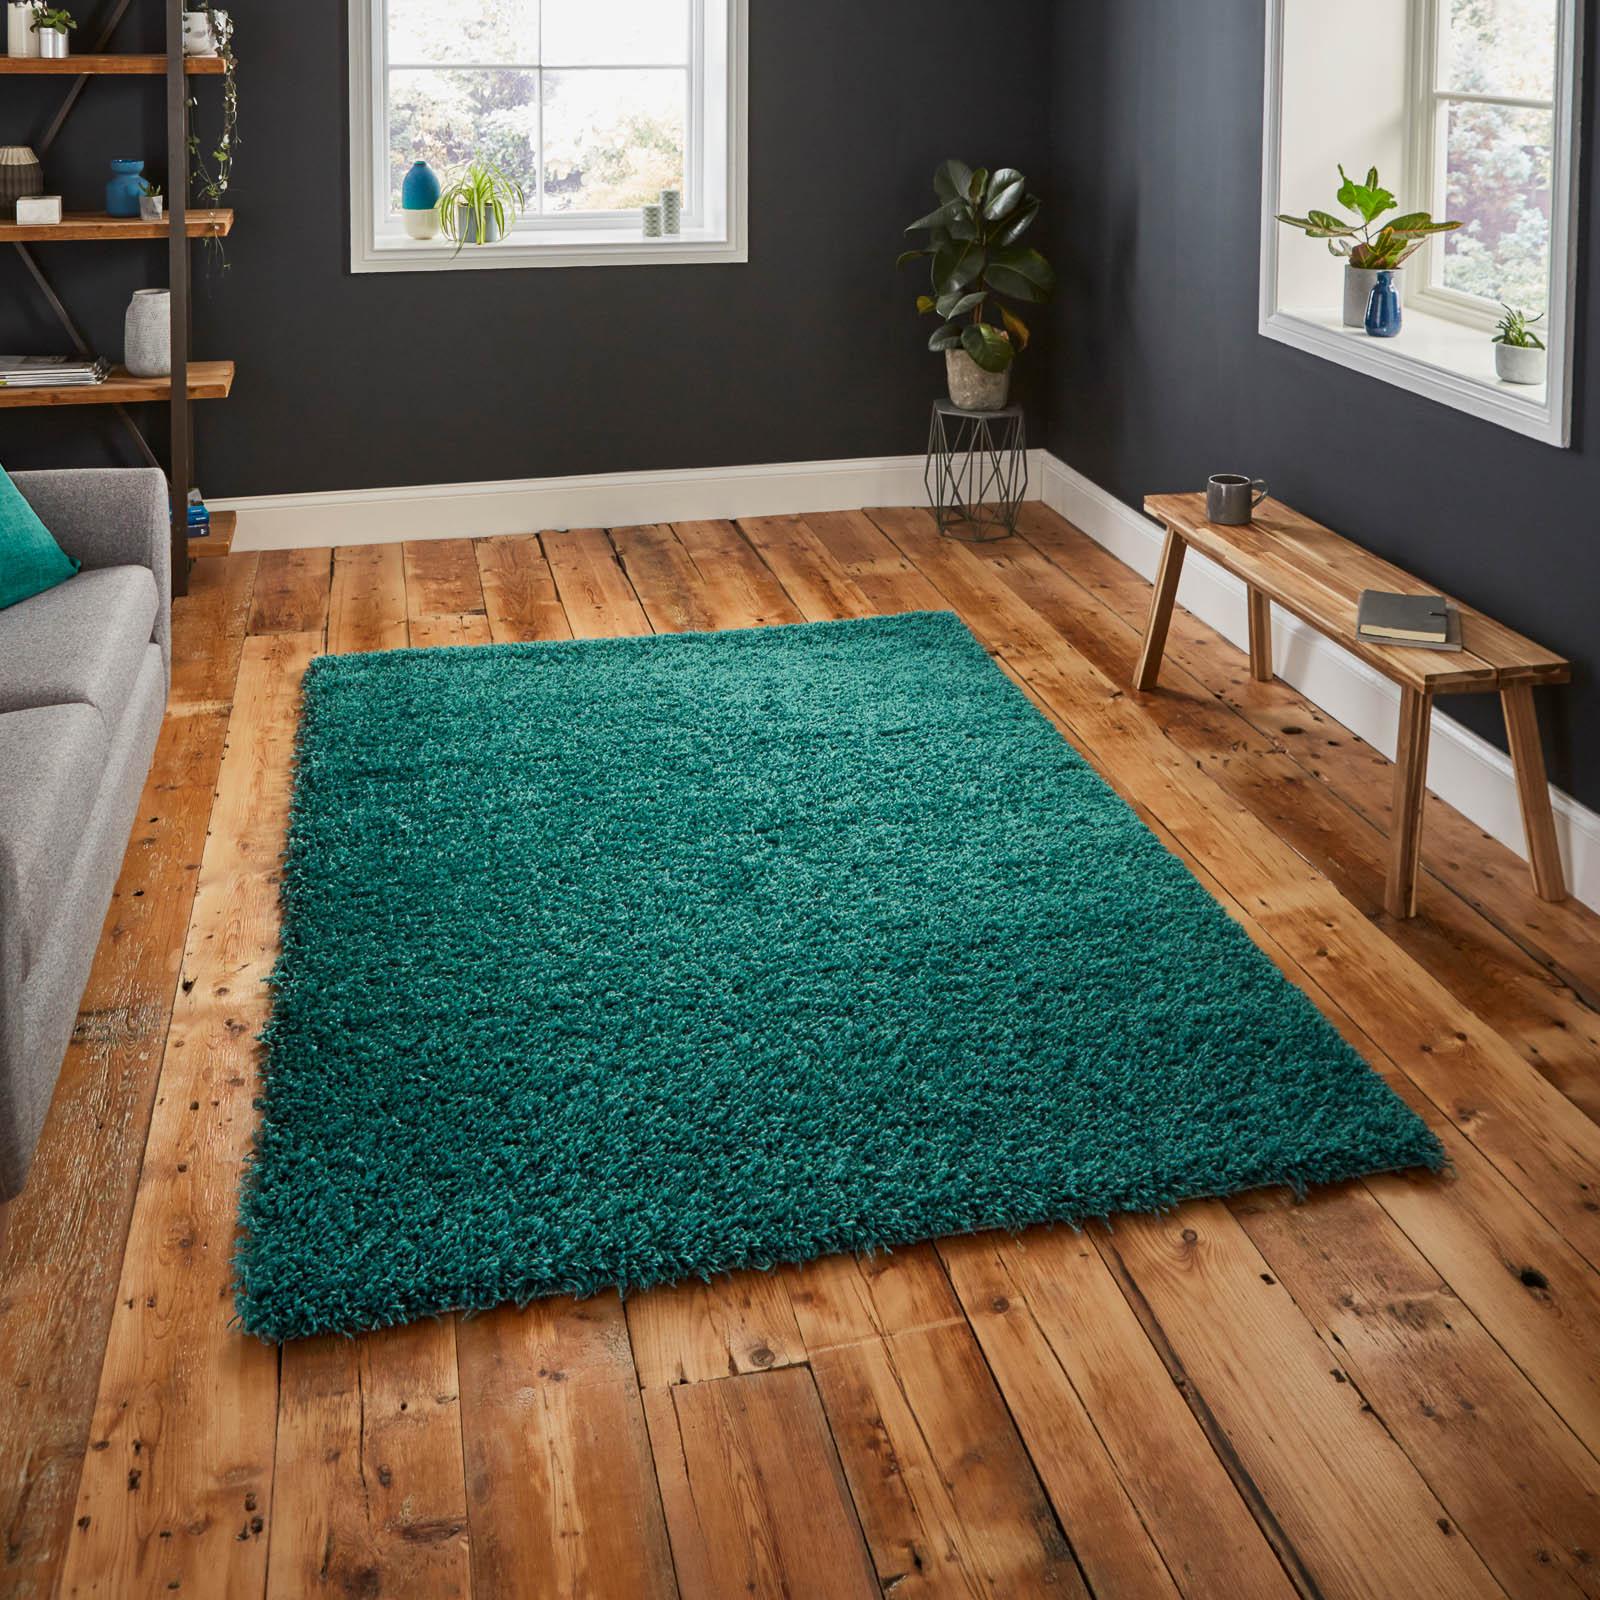 rug on wooden floor